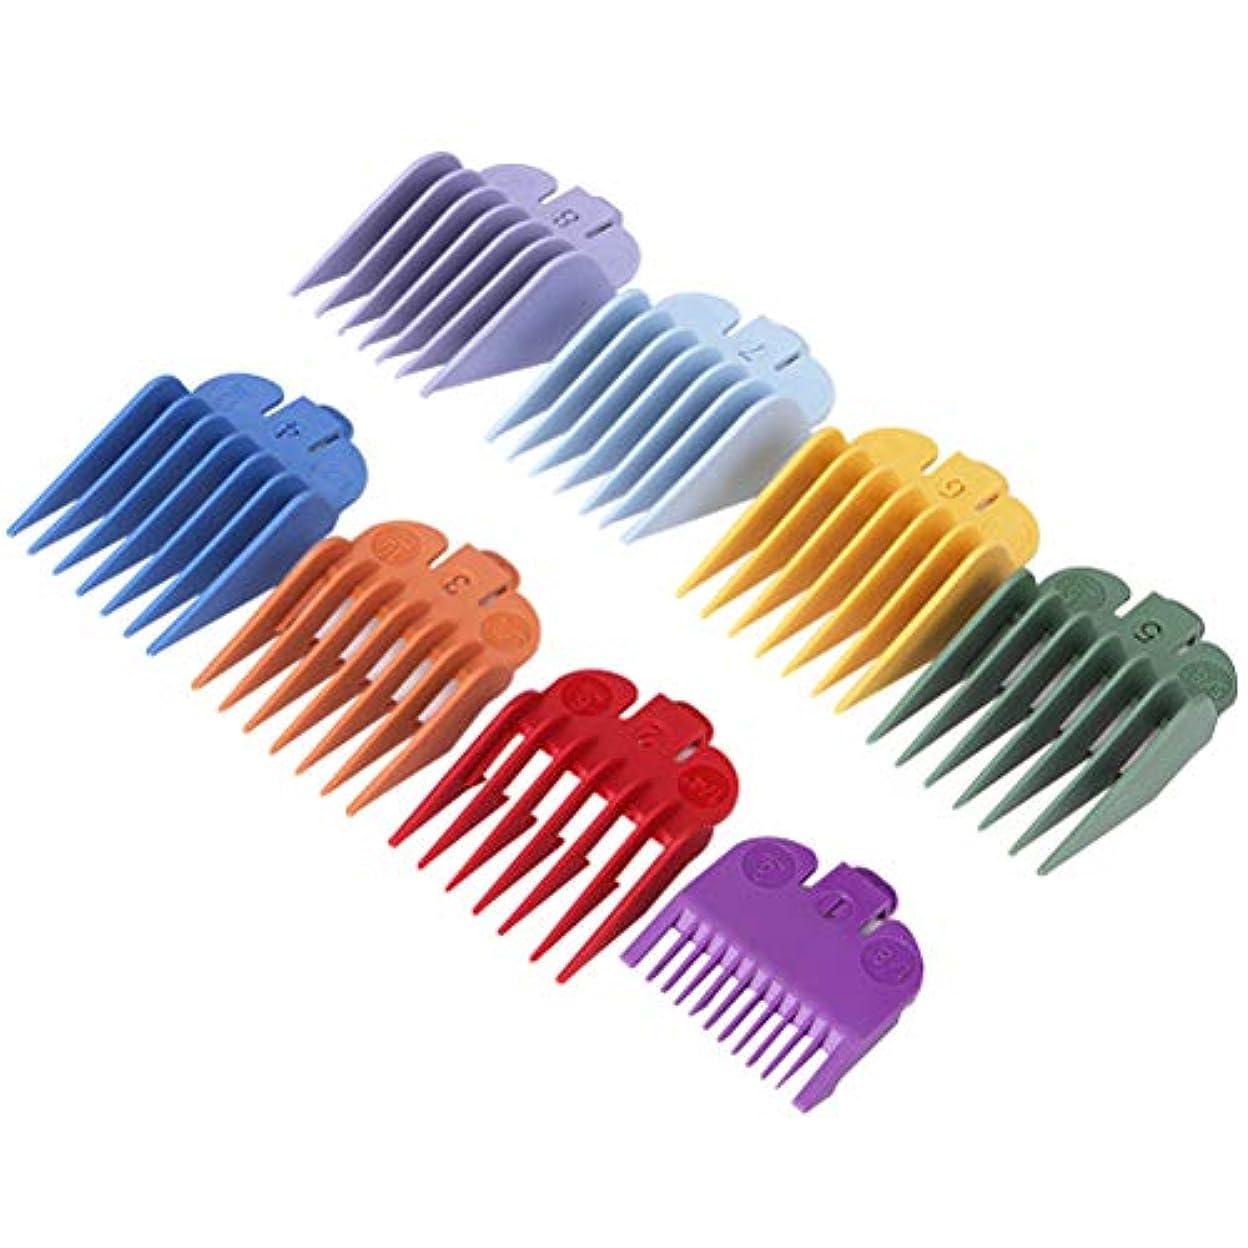 下るバブル艶Healifty バリカンアタッチメント櫛カラフルなリミットくしセット電気ヘアトリマーシェーバー理髪アクセサリー8ピース